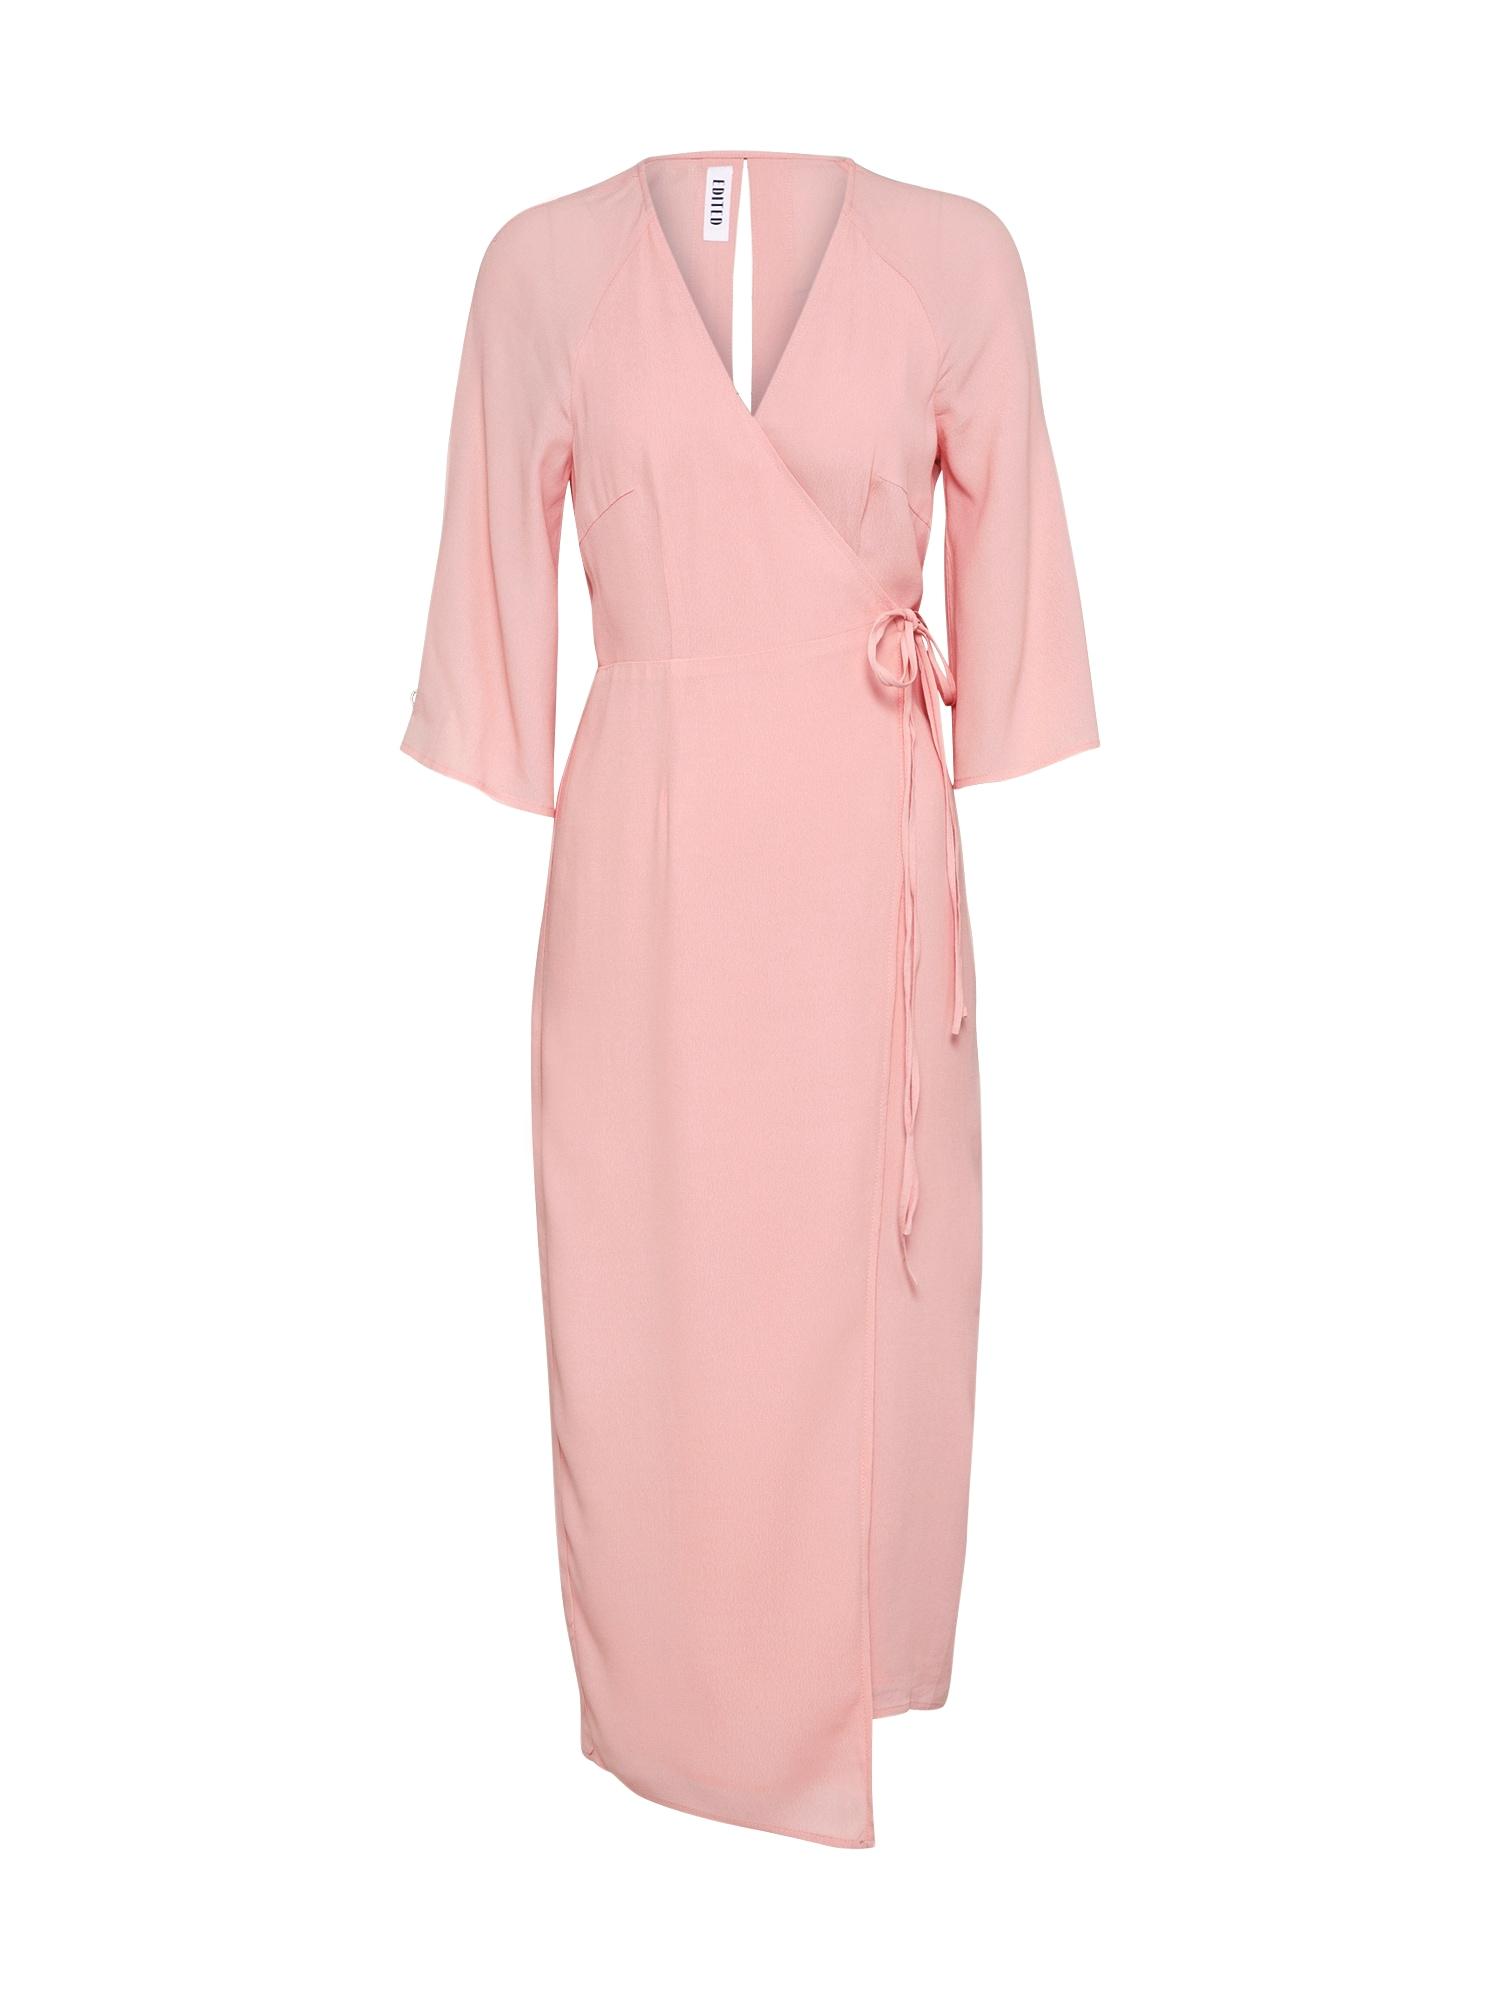 Letní šaty Naela růžová EDITED